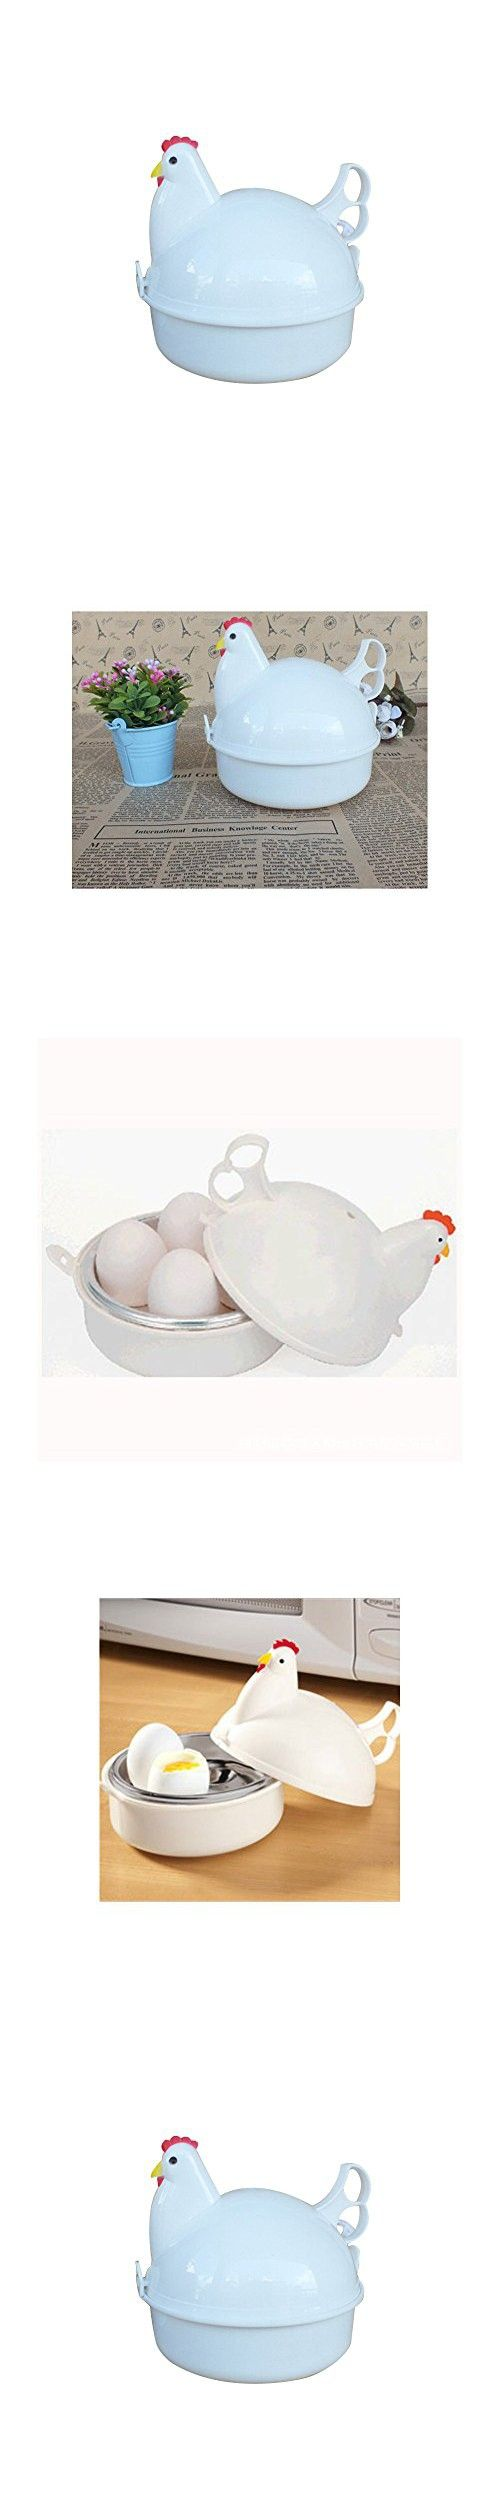 SIO DIY Microwave Egg Boiler Egg-steaming Cooker Egg Poacher